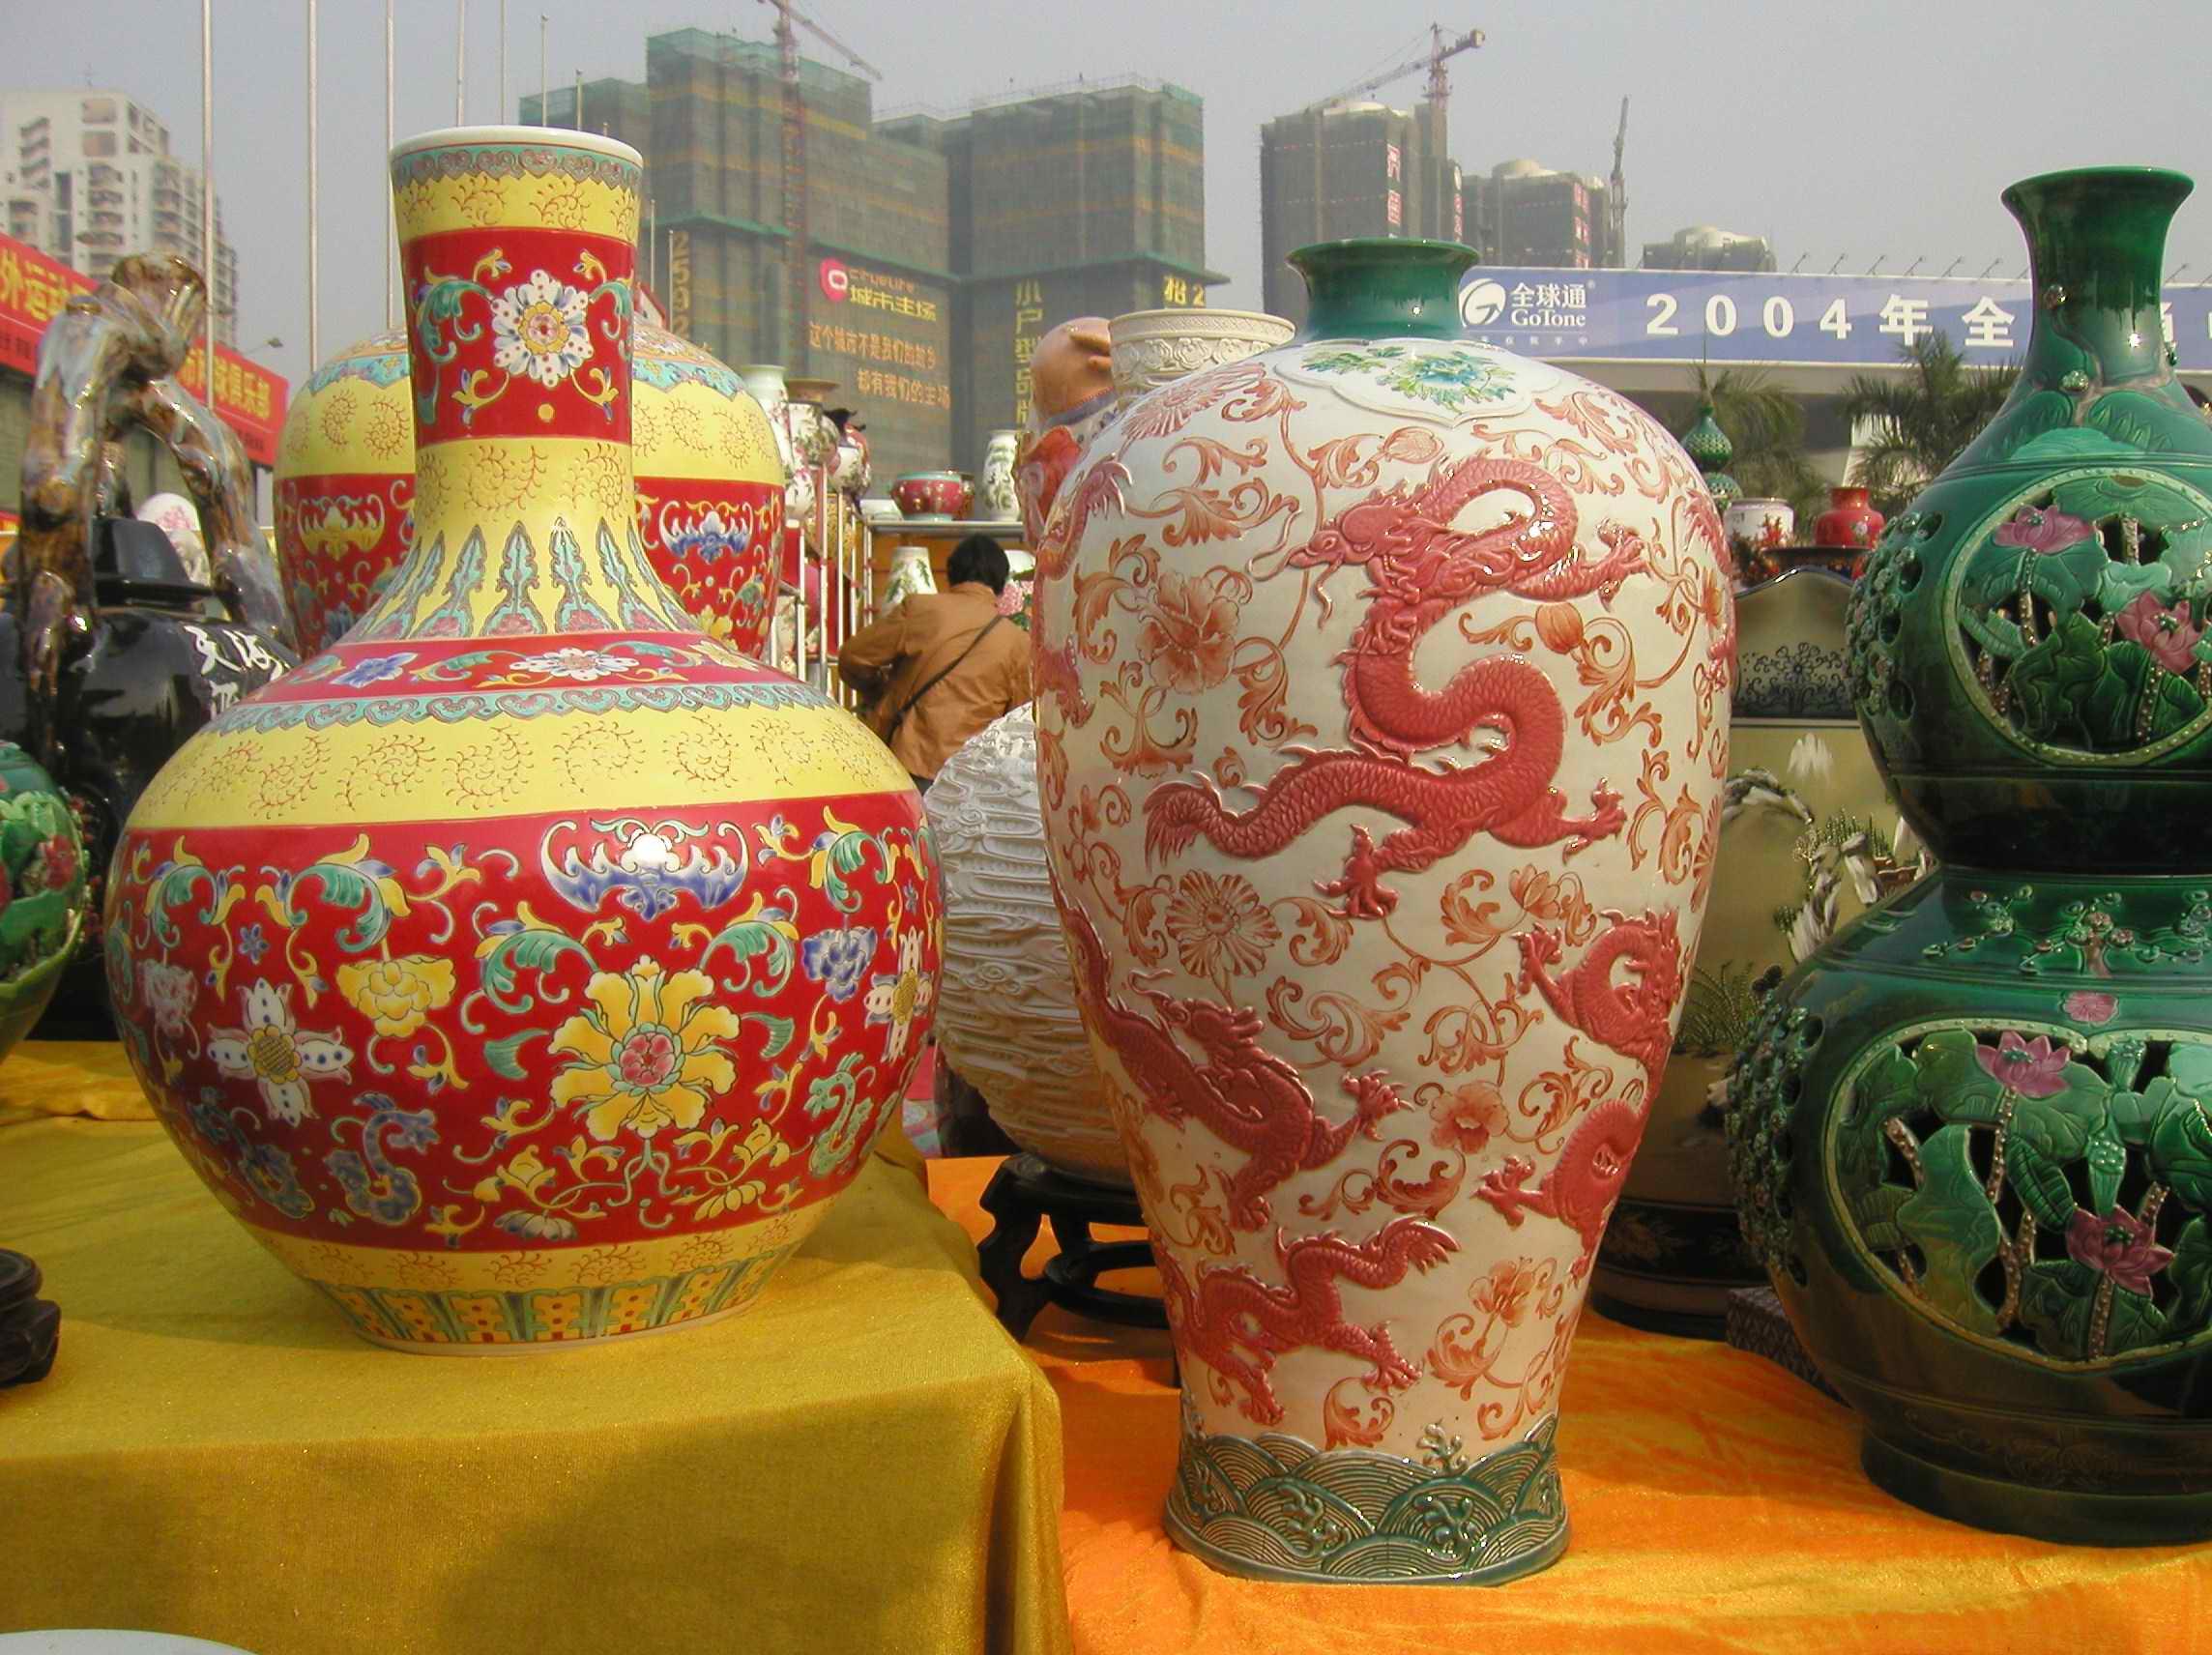 景德镇陶瓷 - 家在深圳-房网论坛(深圳房地产信息网)